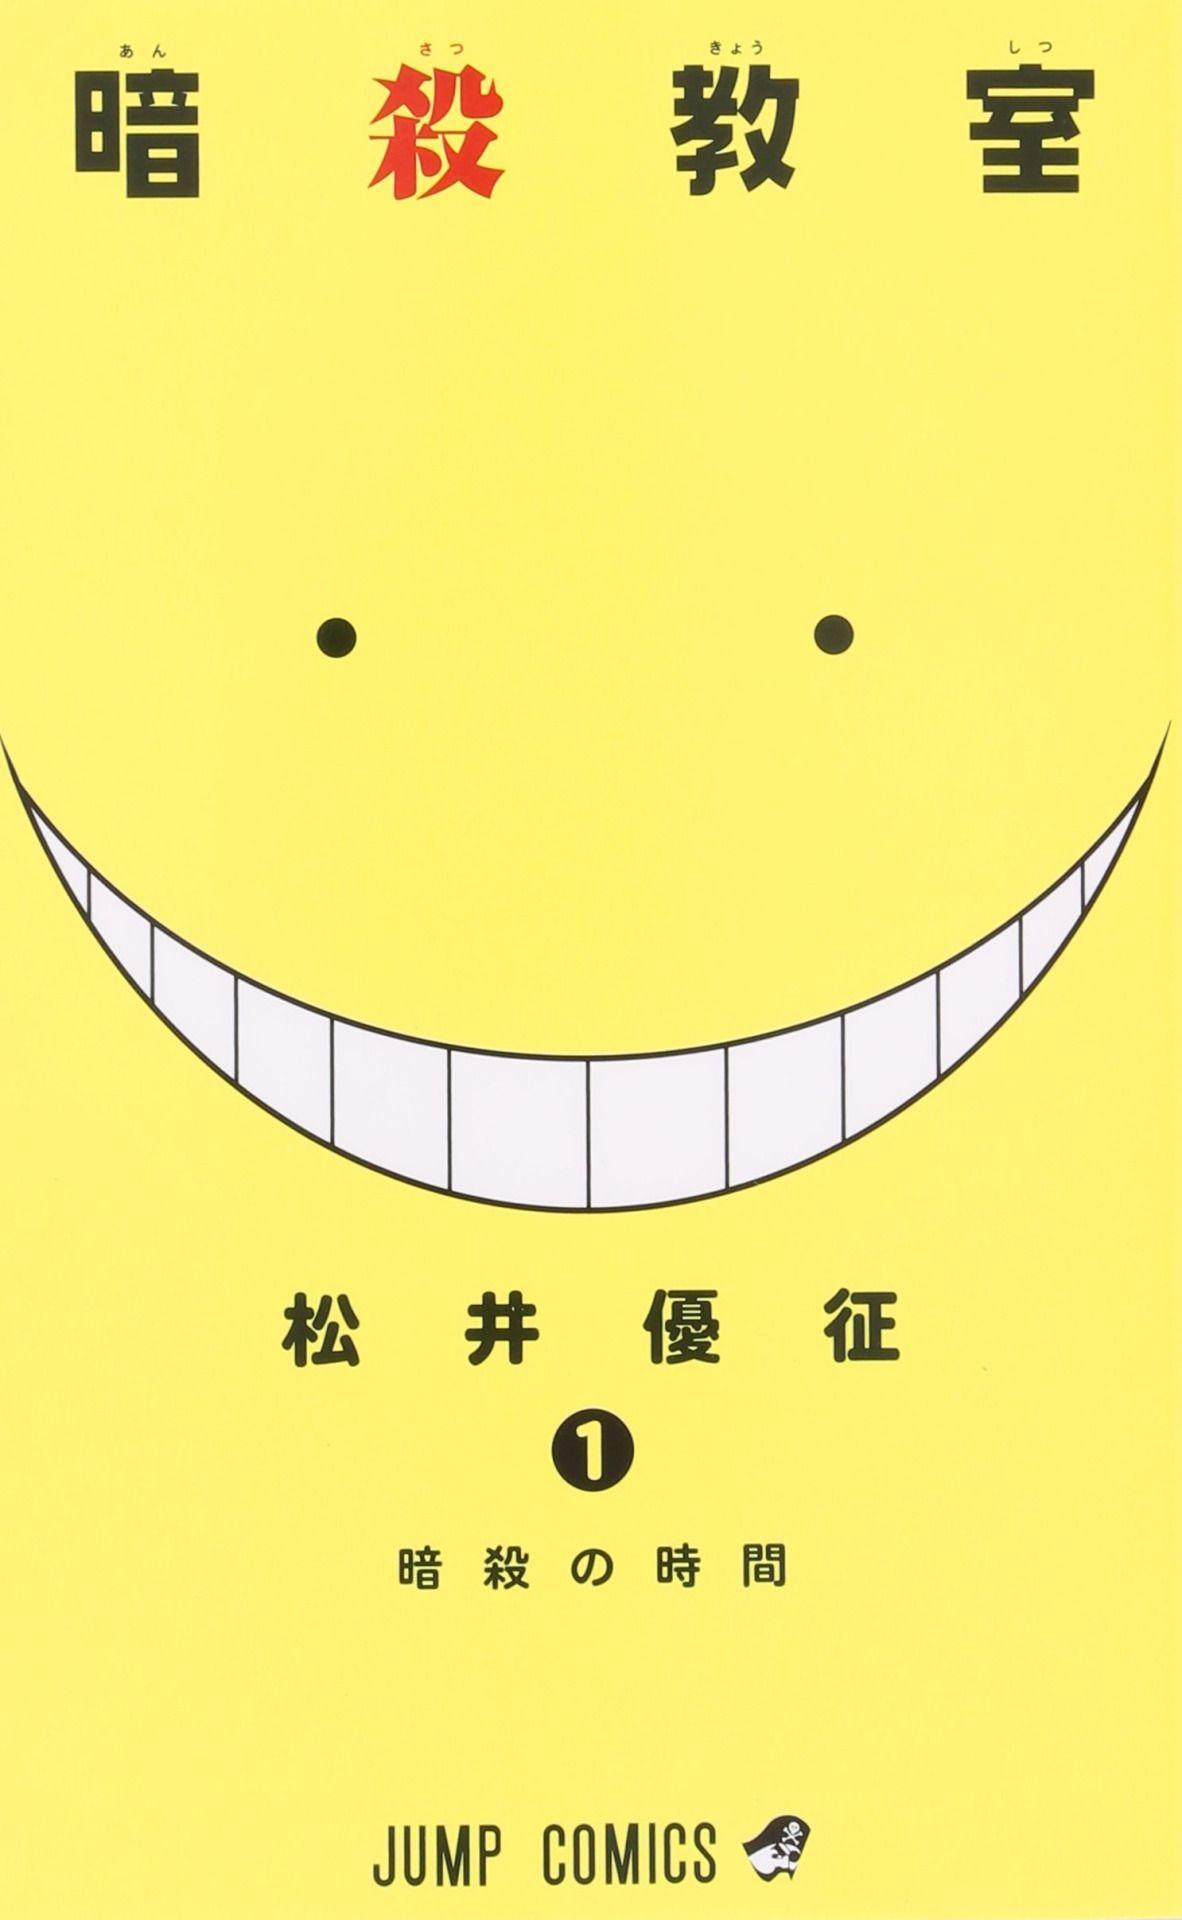 El Manga Ansatsu Kyoushitsu finalizará en cinco capítulos en Marzo de 2016.